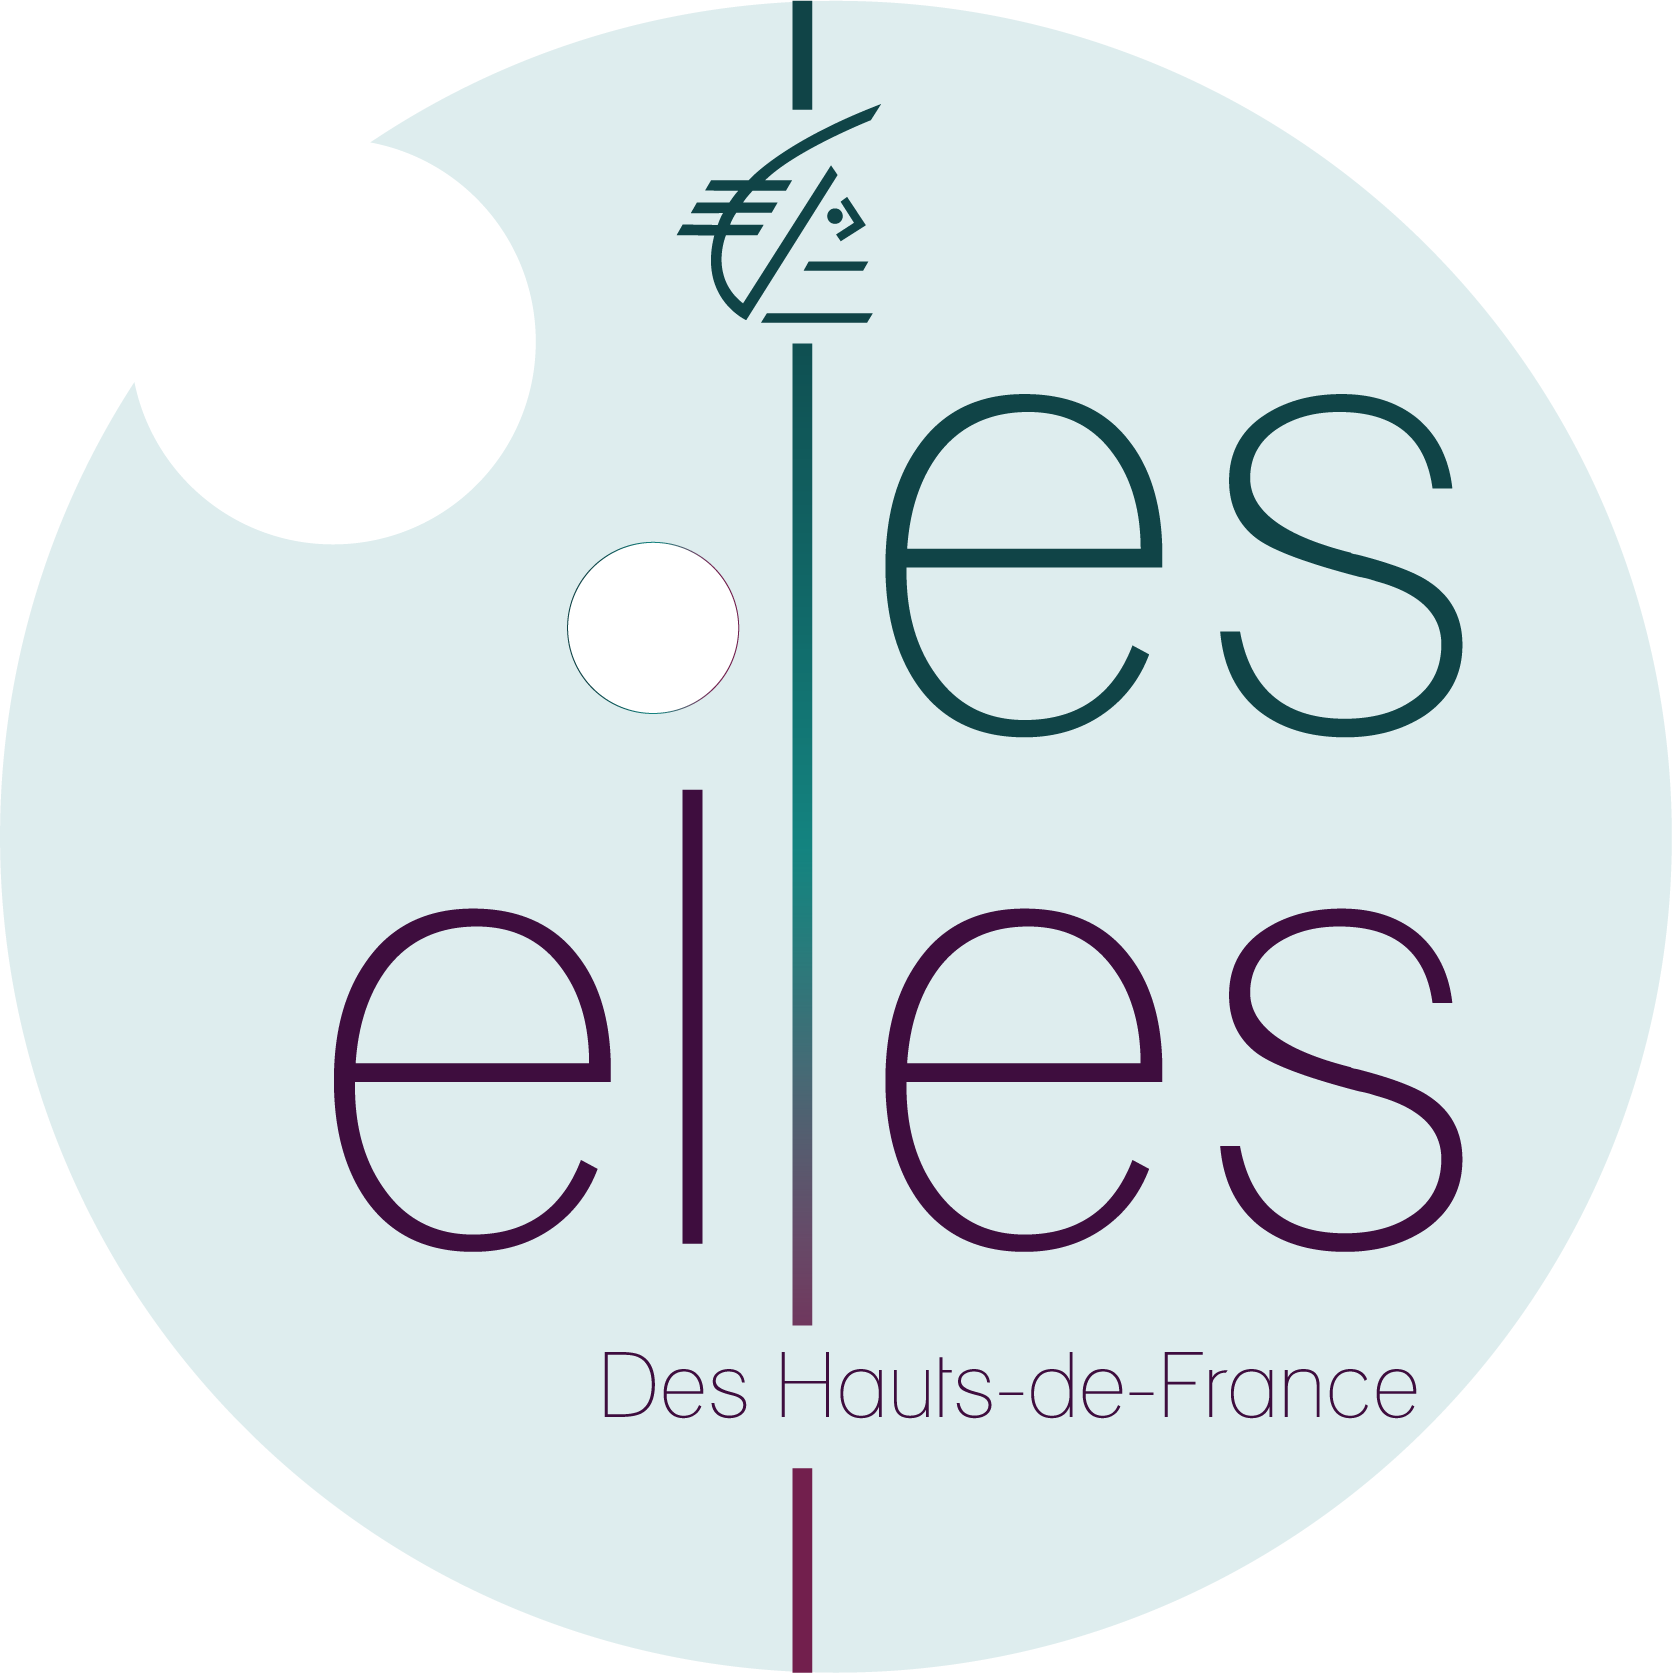 Retour sur une initiative #UtileEtSolidaire du réseau des elles des Hauts-de-France